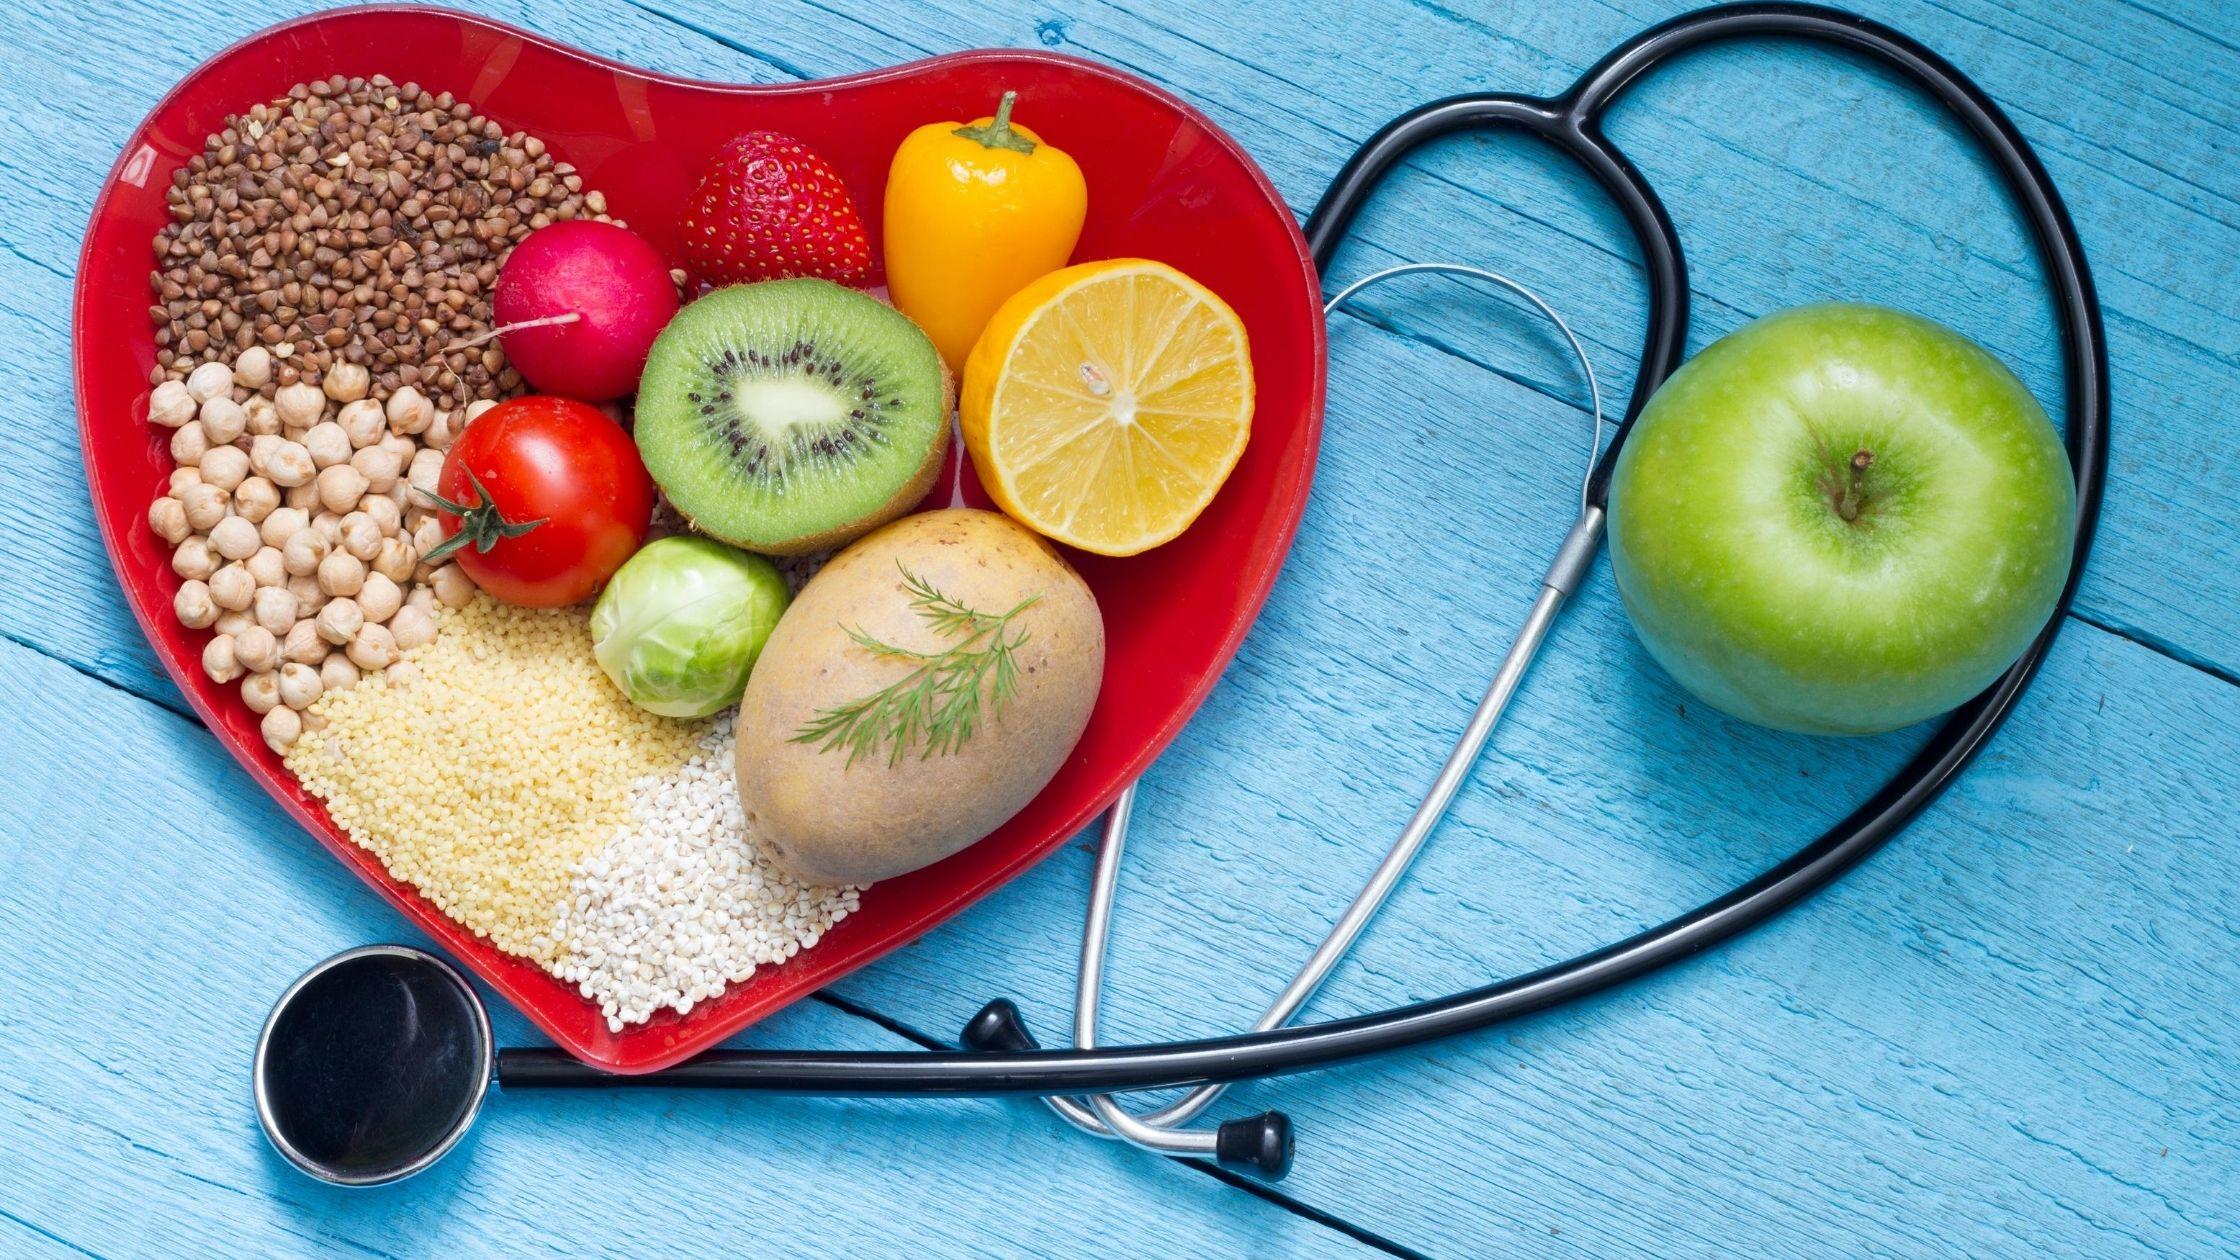 magas vérnyomás mutató szívköhögés magas vérnyomással